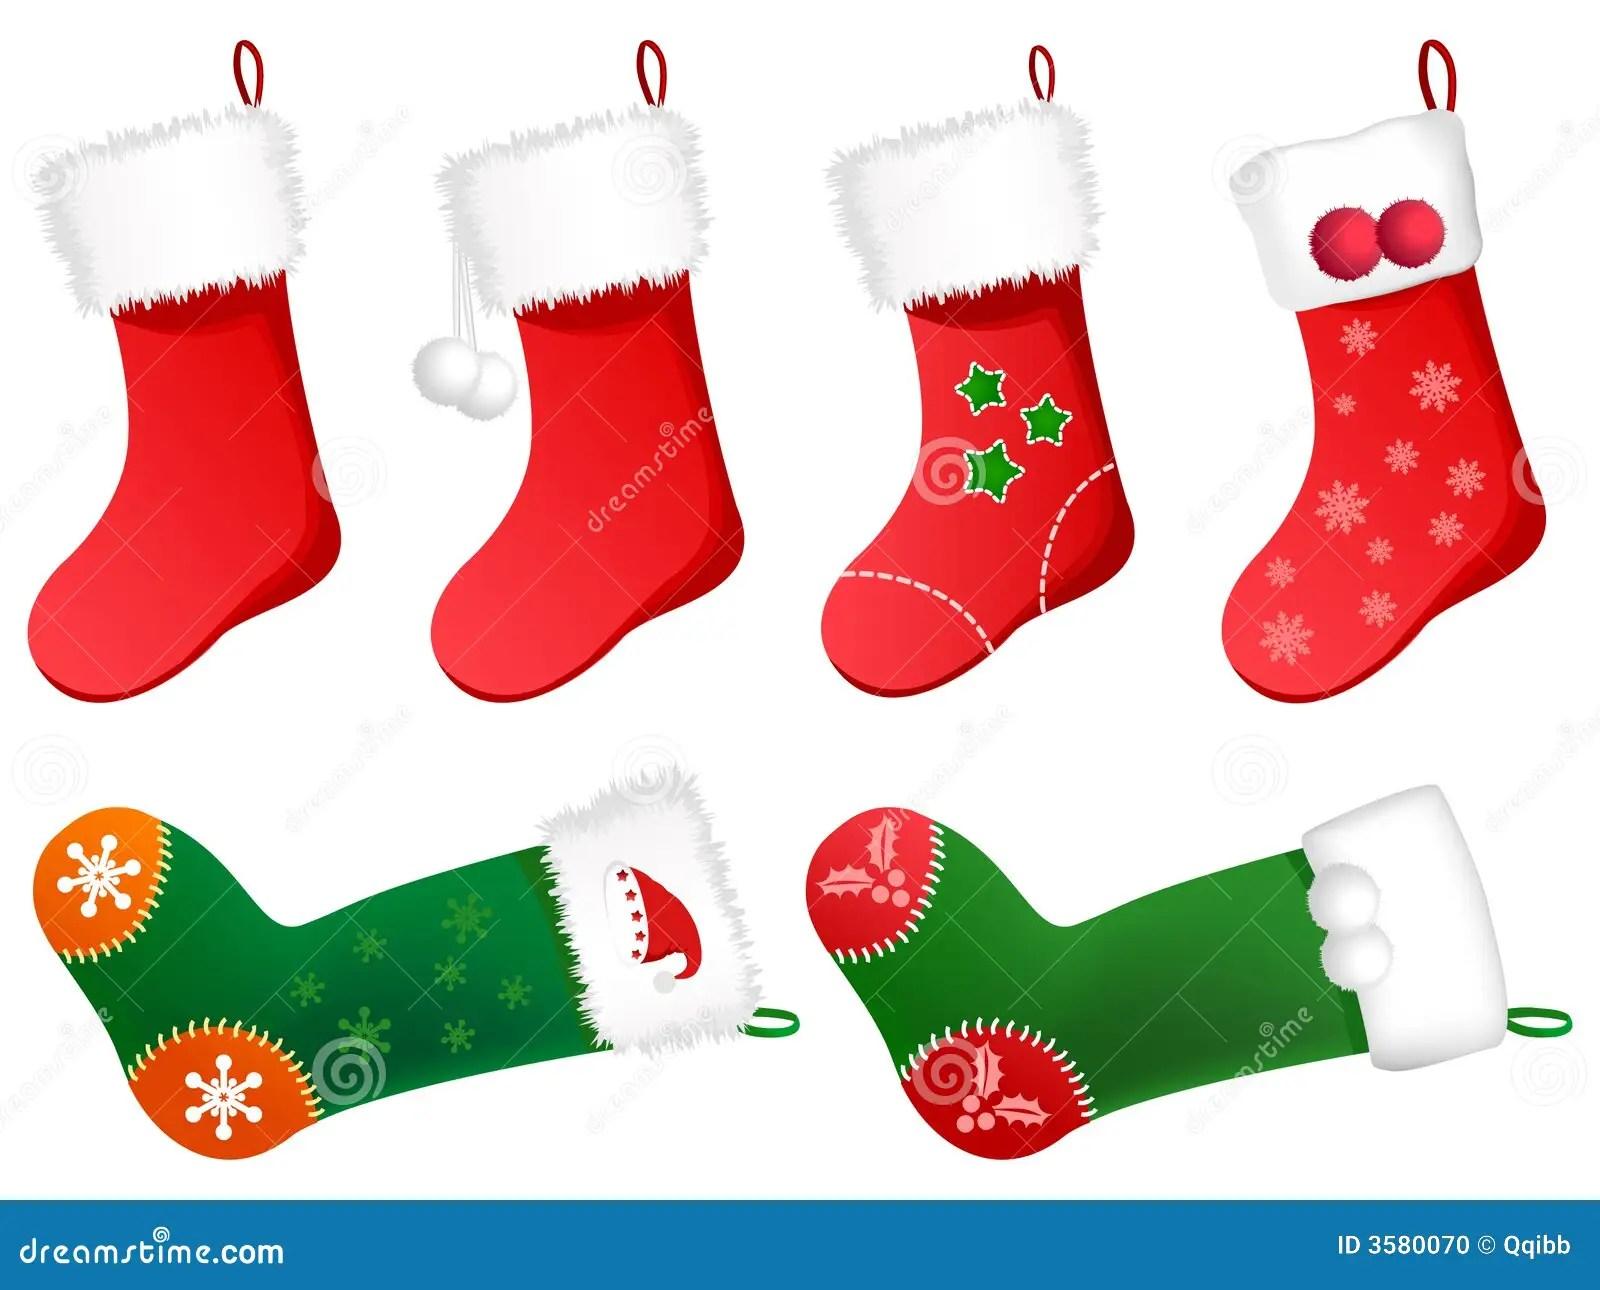 Cute Christmas Stockings Stock Photo